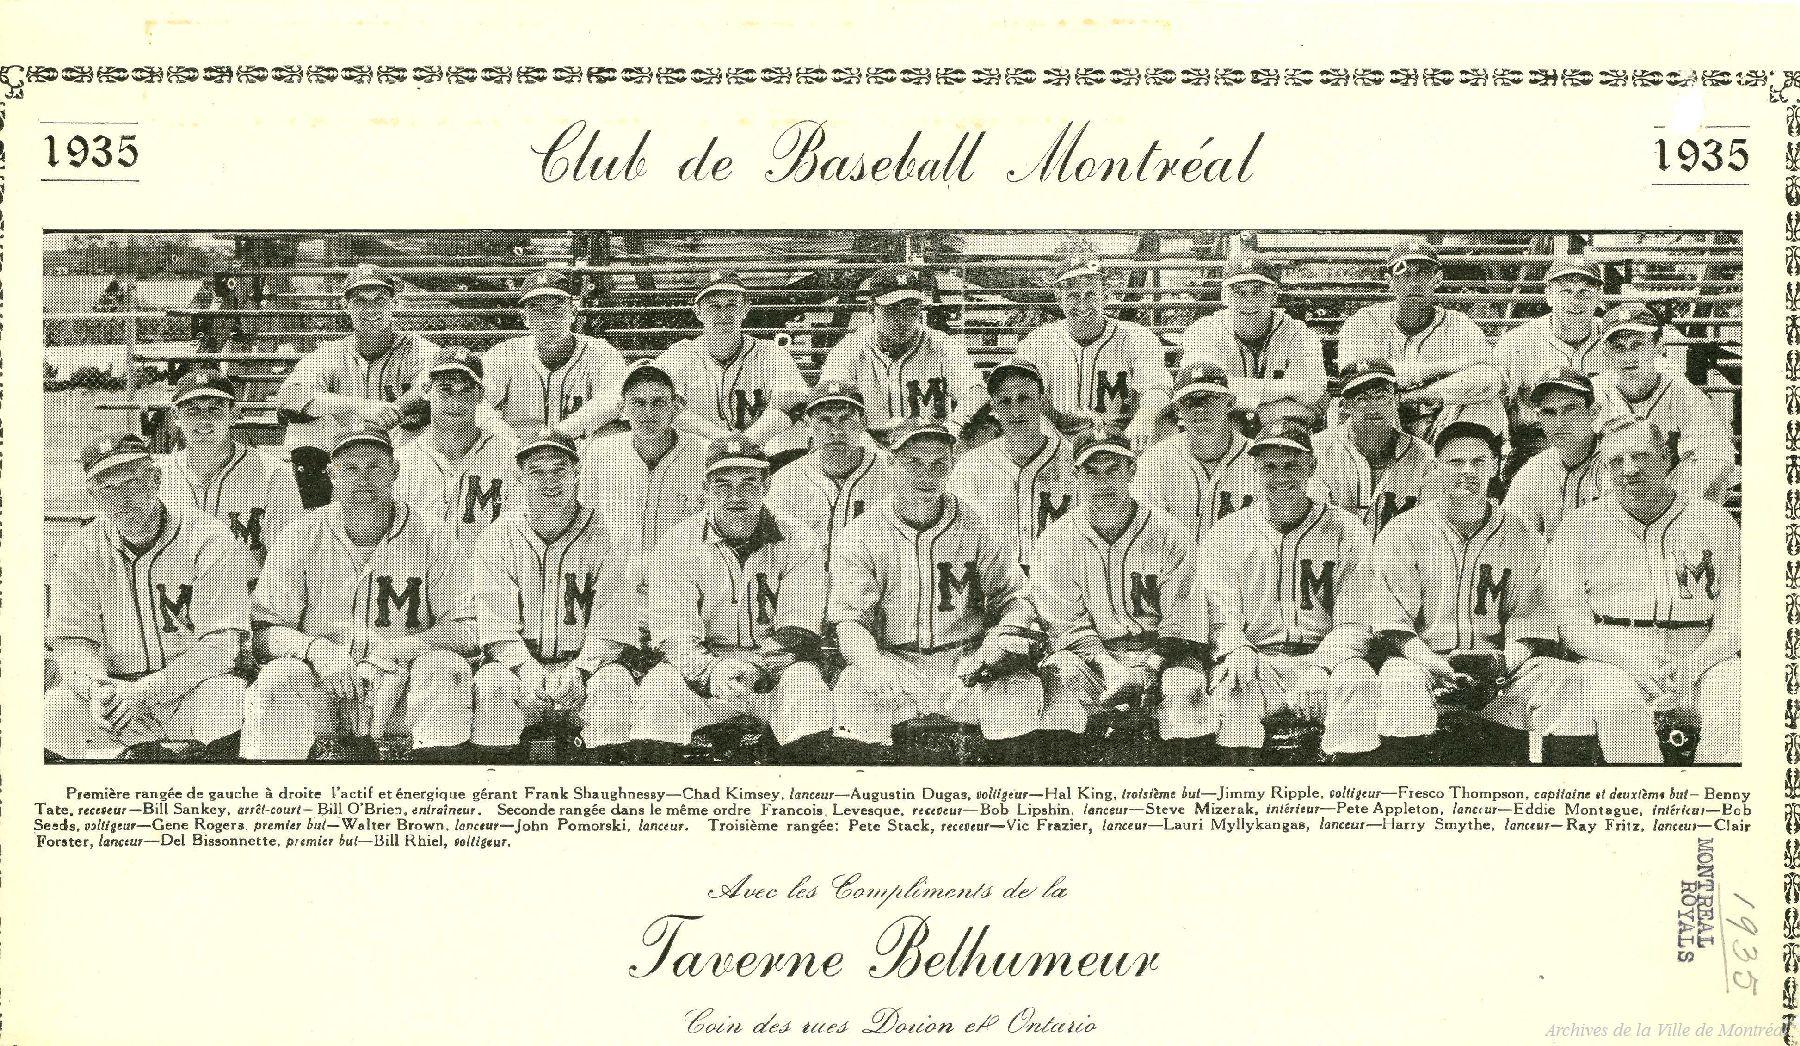 L'équipe de 1935 des Royaux de Montréal.